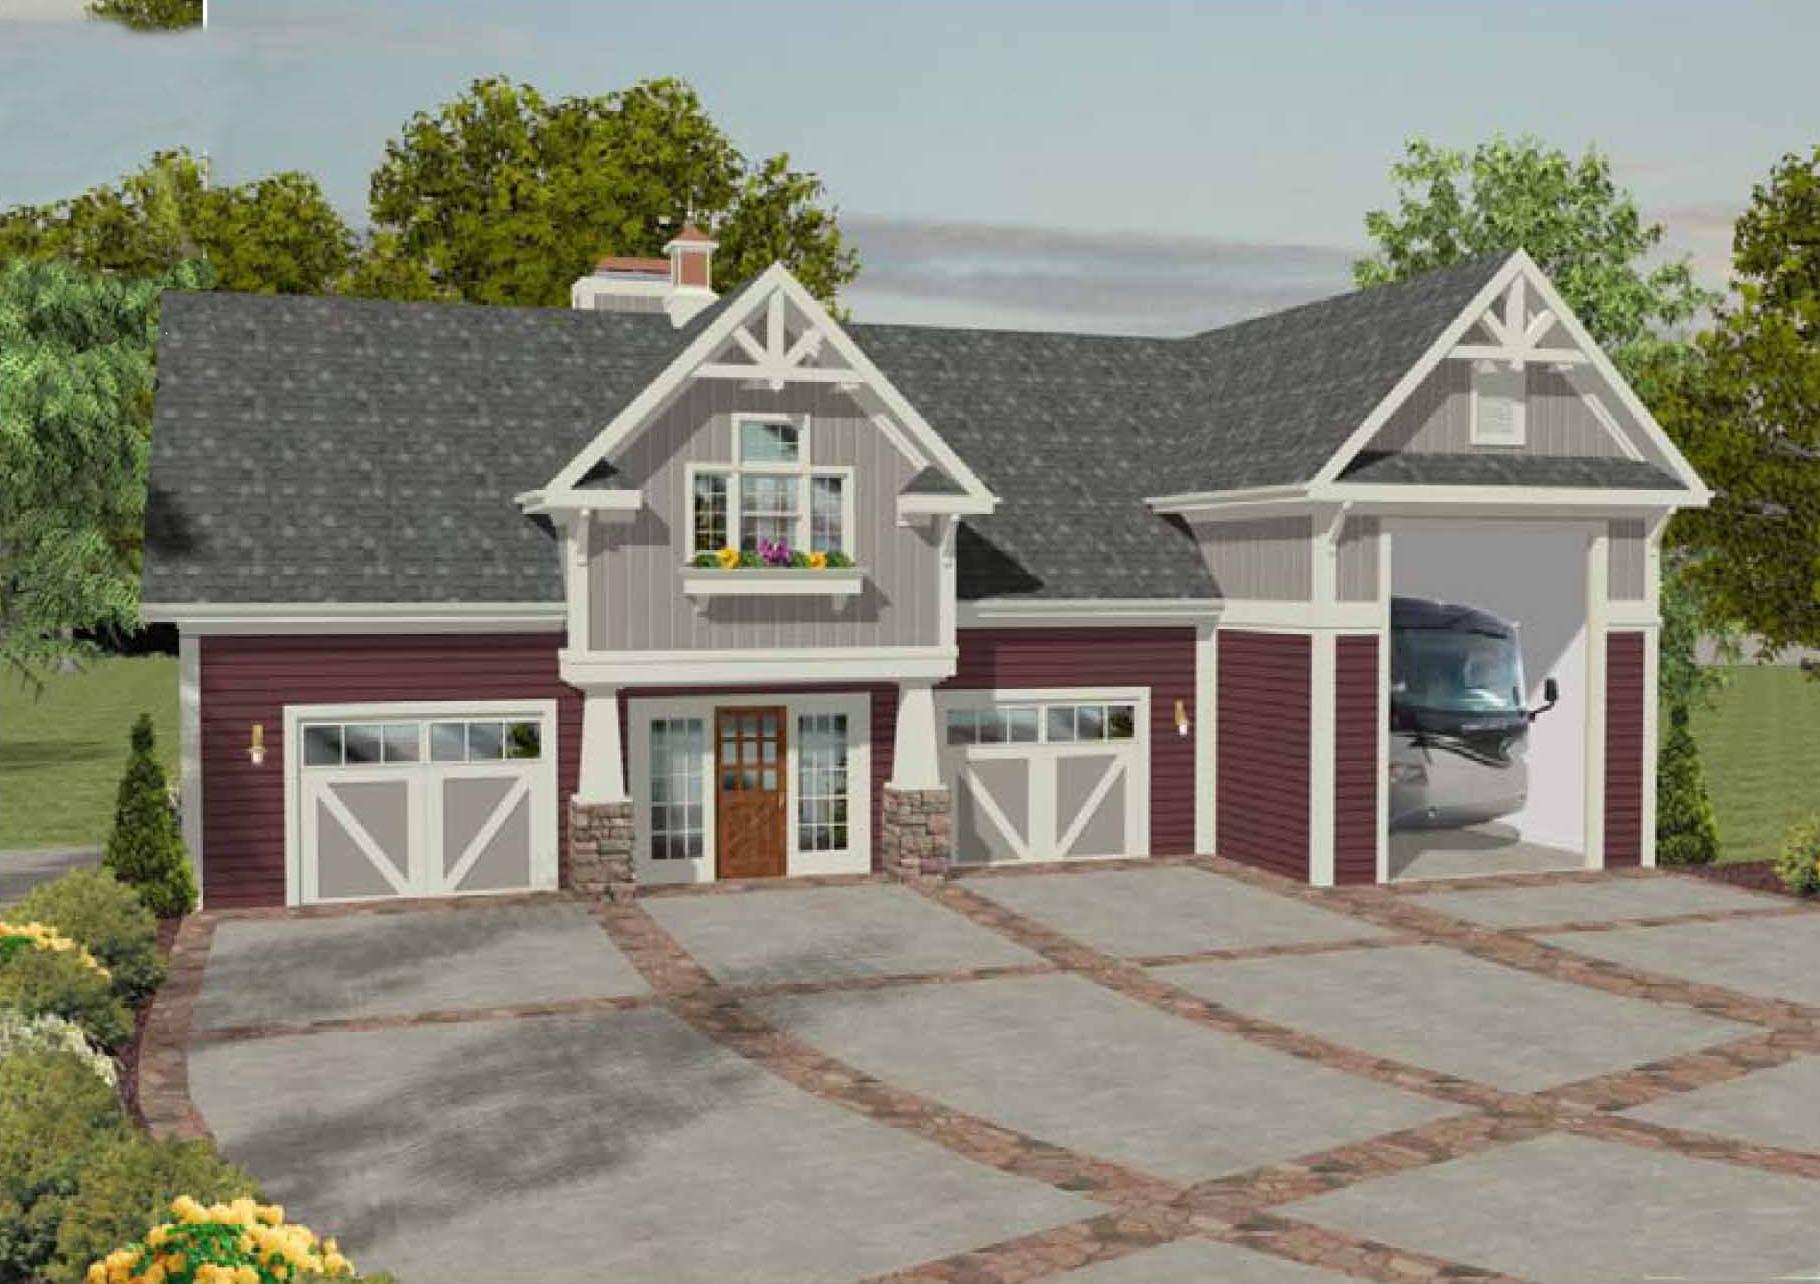 RV Garage With Observation Deck - 20083GA